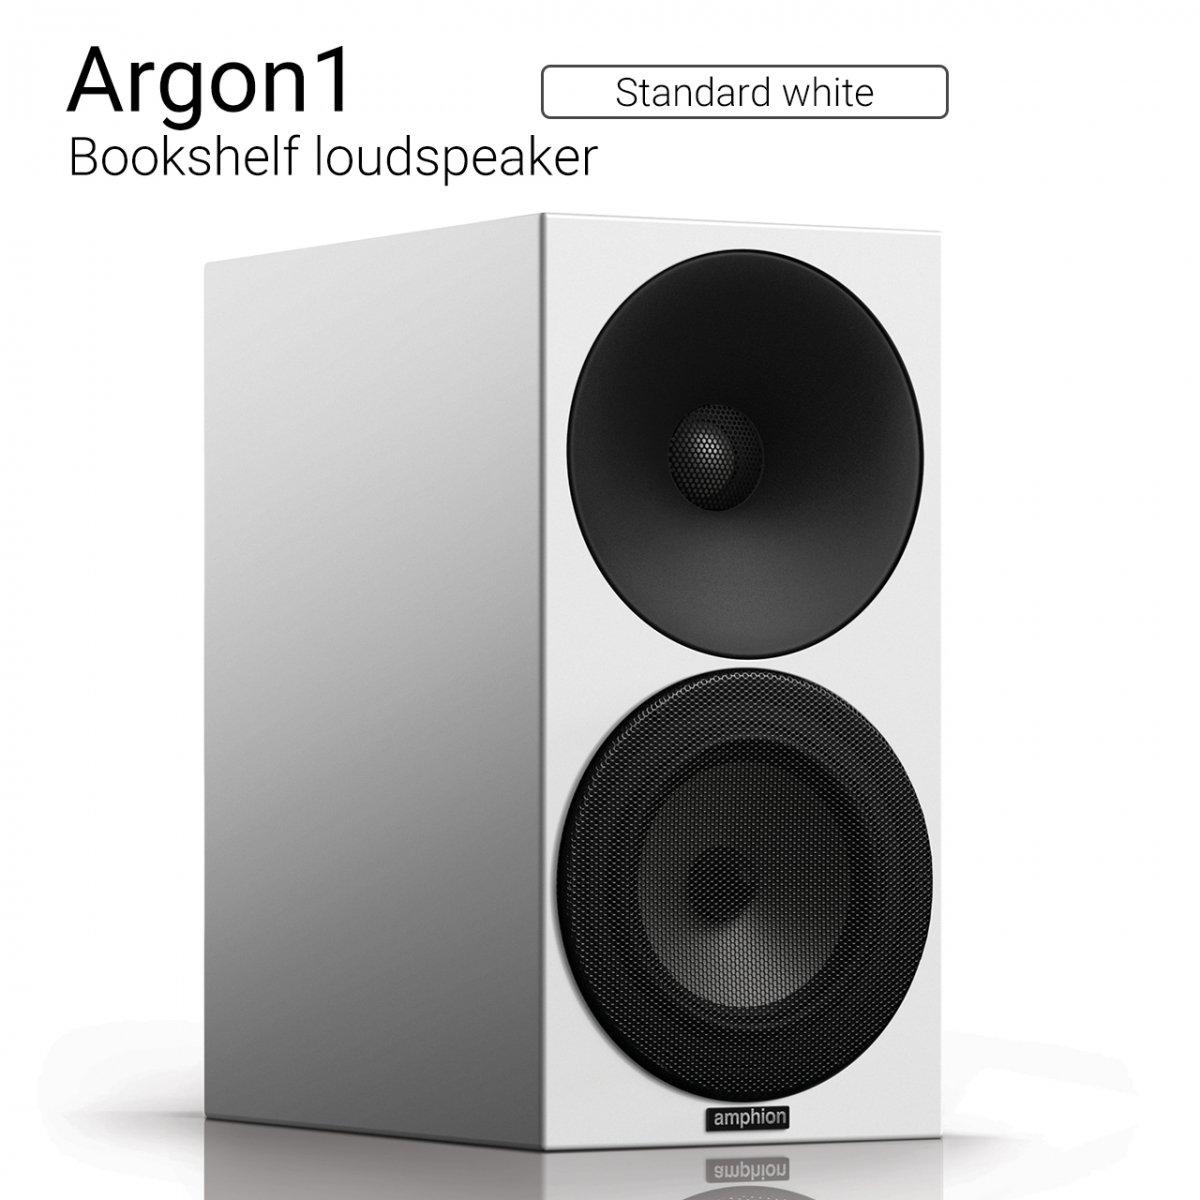 【シンプル&ナチュラルサウンド】Argon1 (Standard white) Bookshelf loudspeaker【ペア】